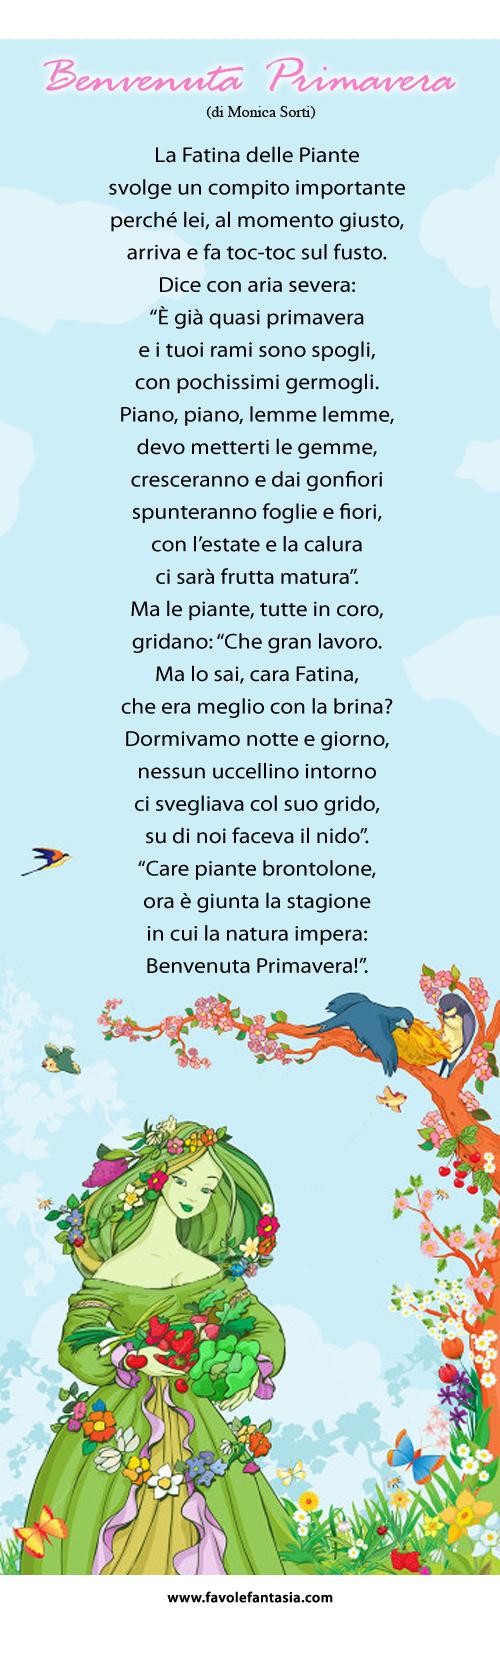 Benvenuta Primavera_Monica Sorti